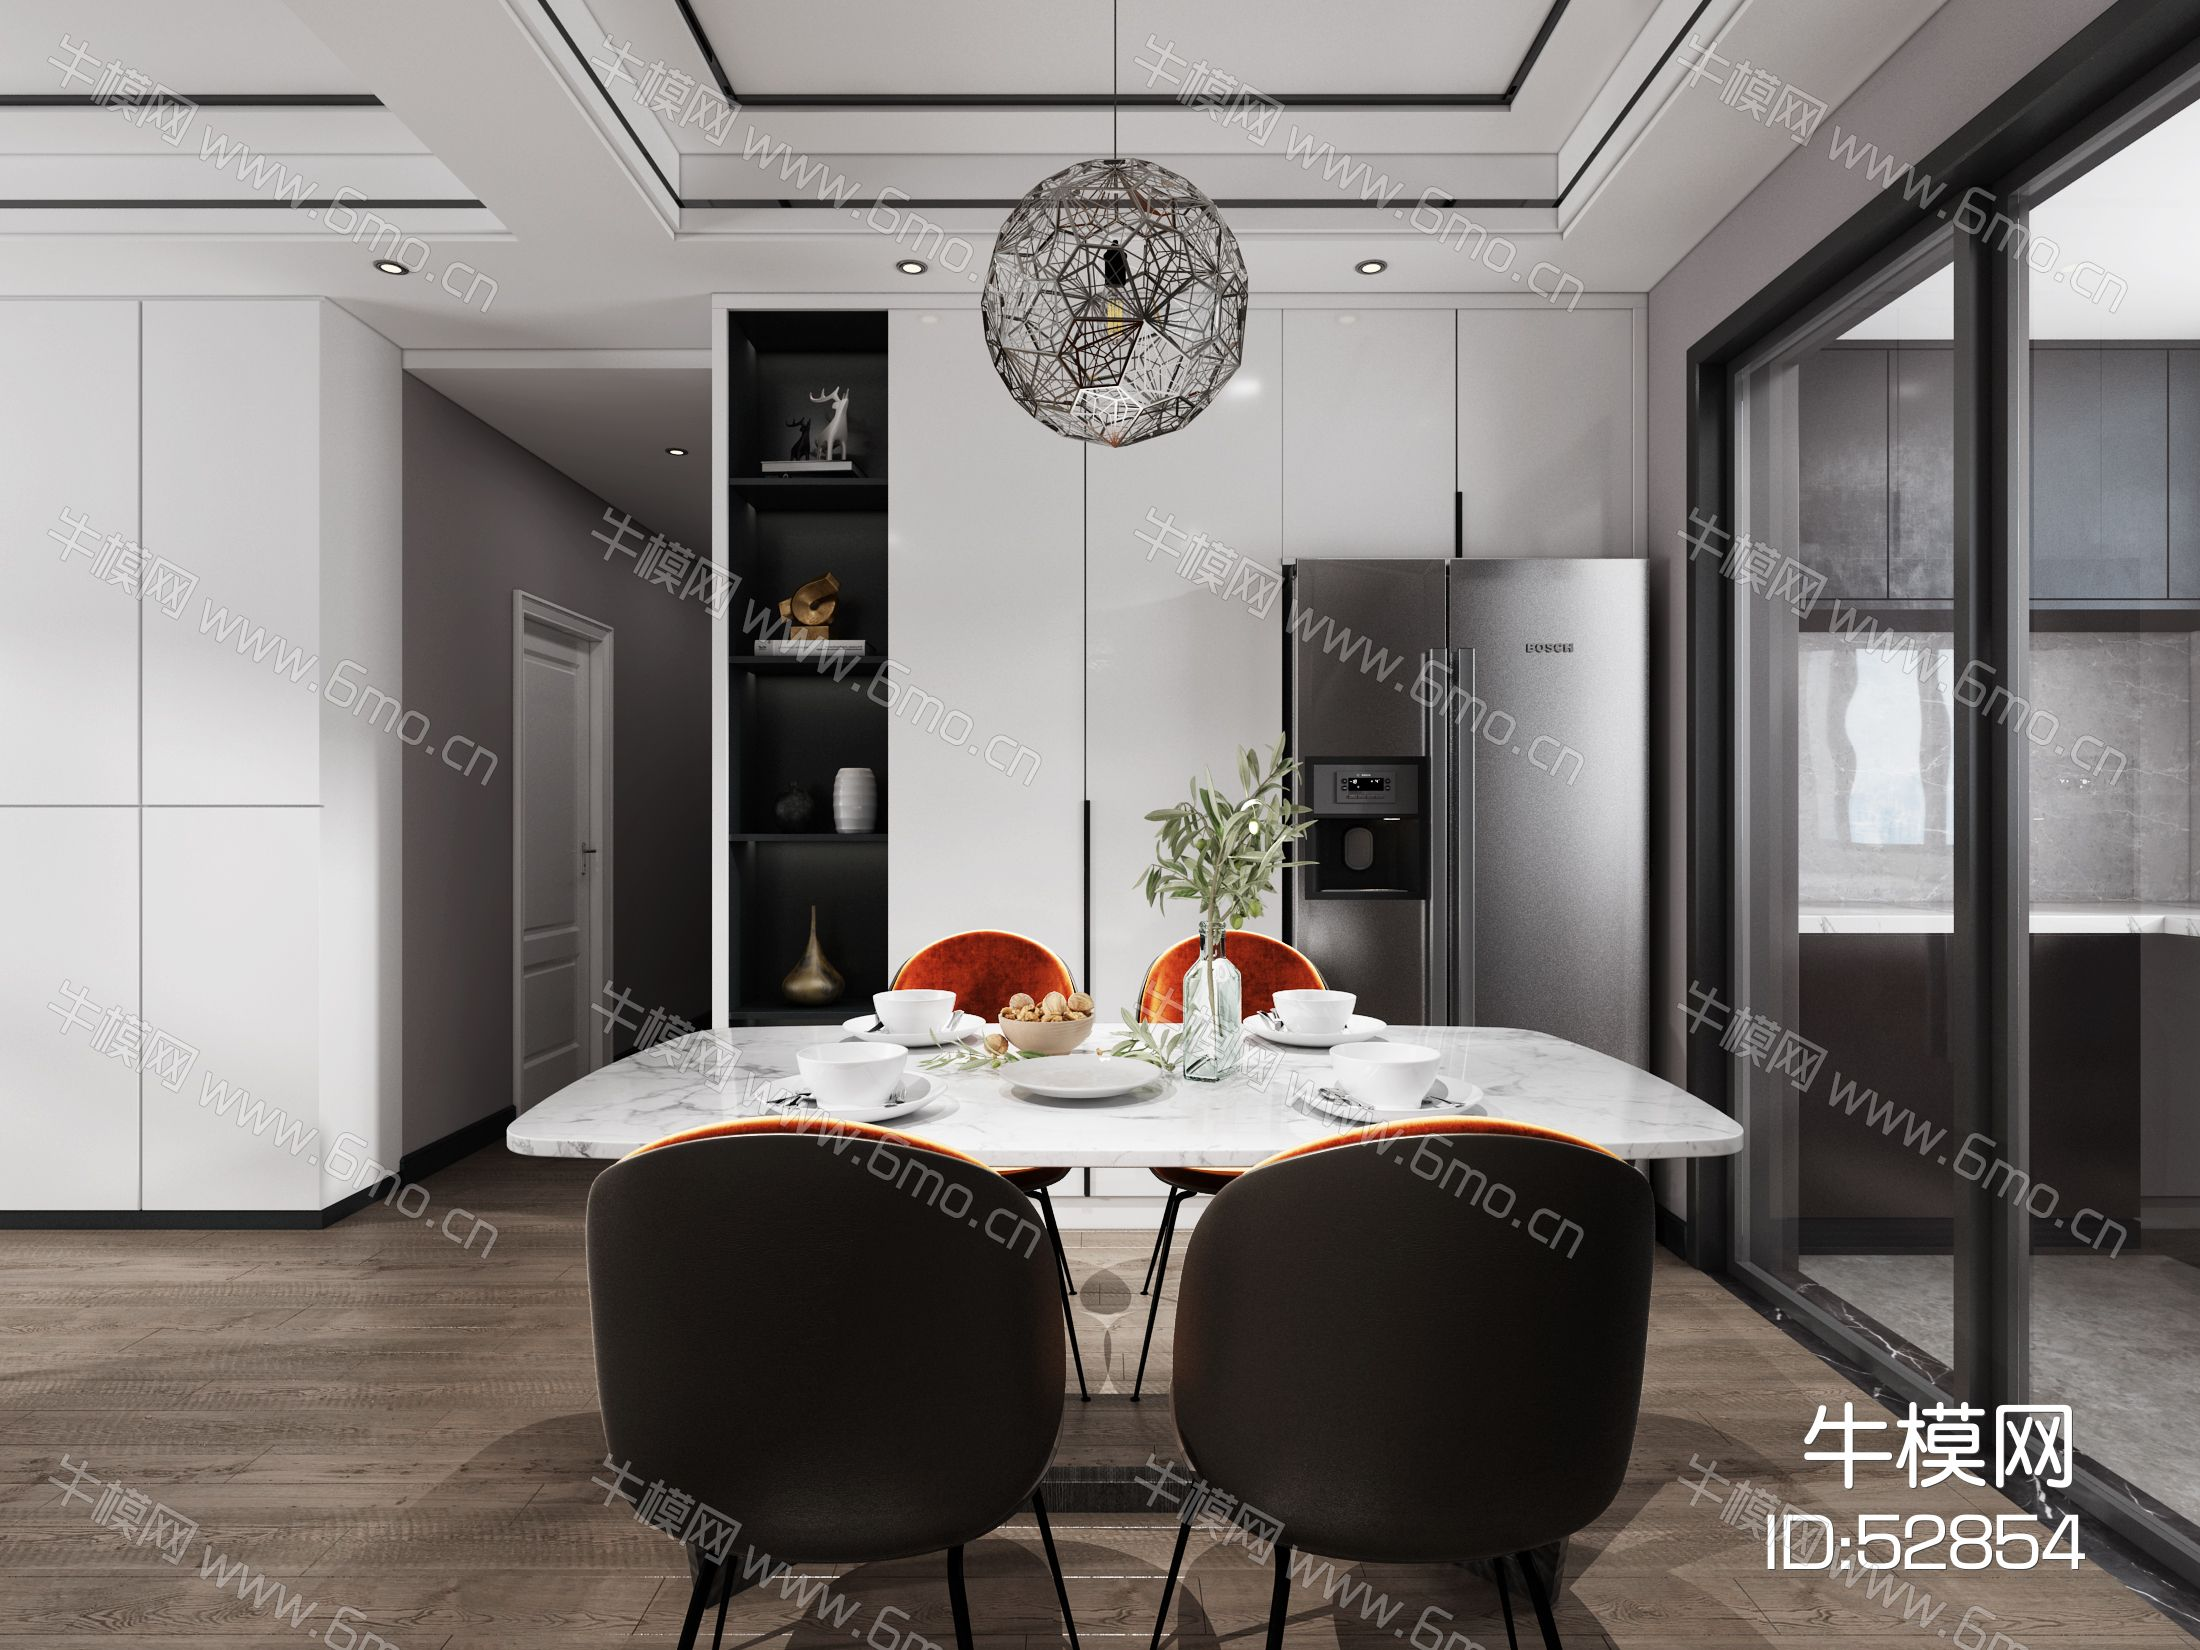 现代极简客厅餐厅,沙发,餐桌,吊灯,装饰画,2014